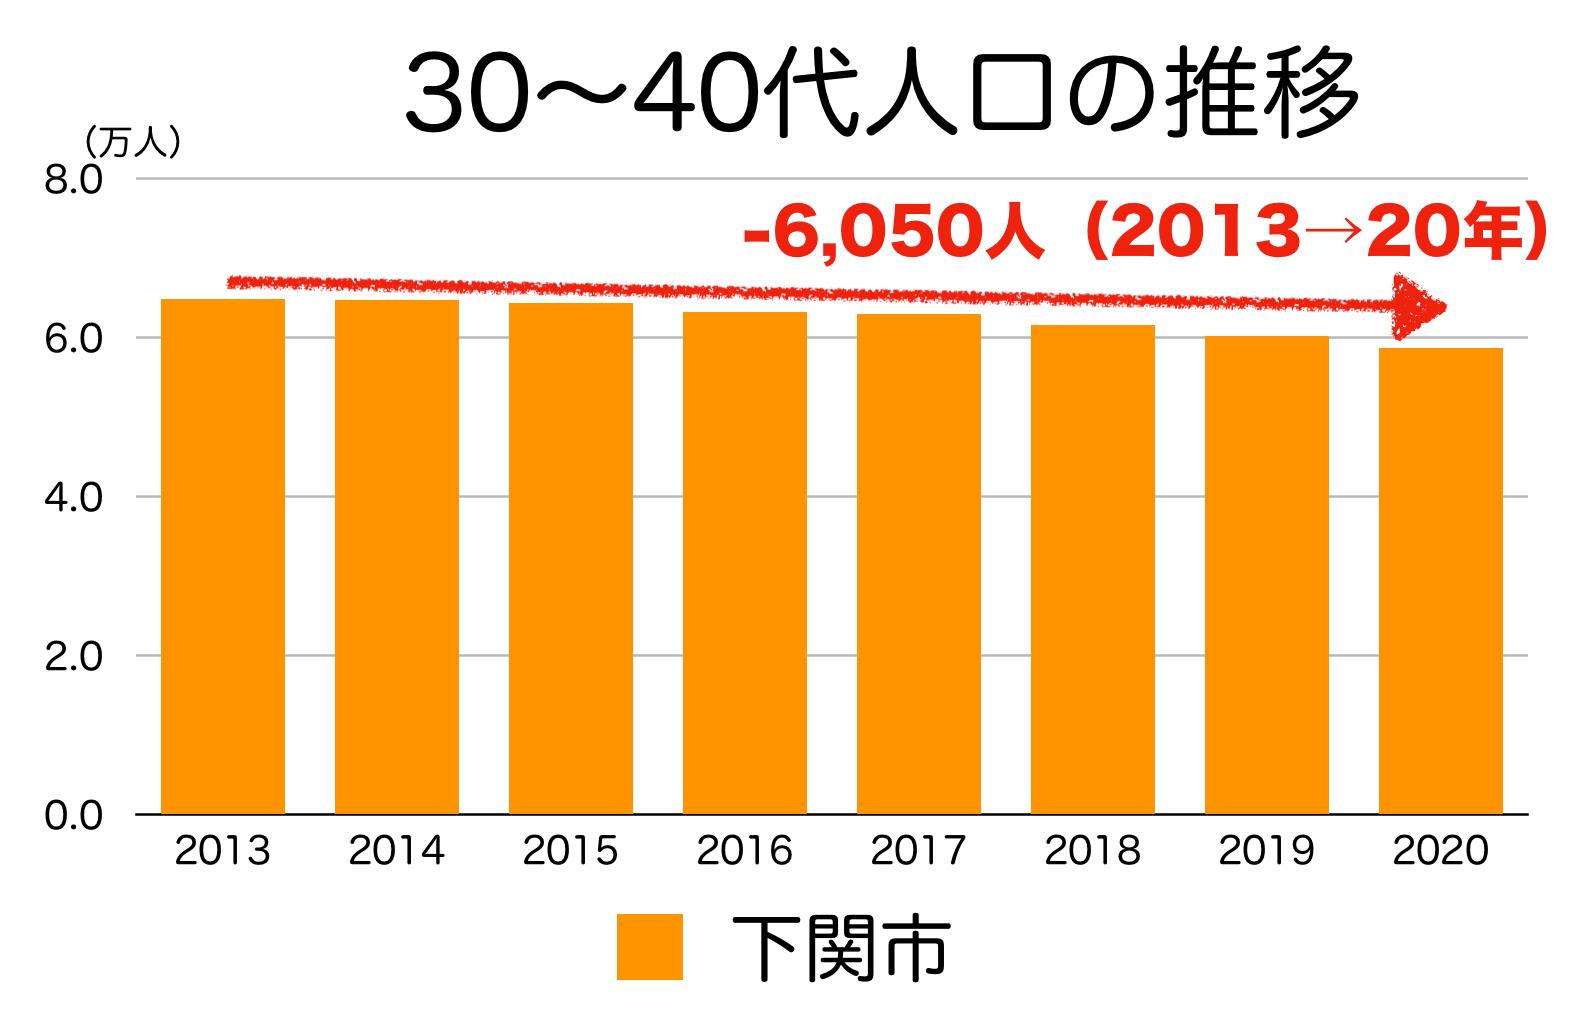 下関市の30〜40代人口の推移